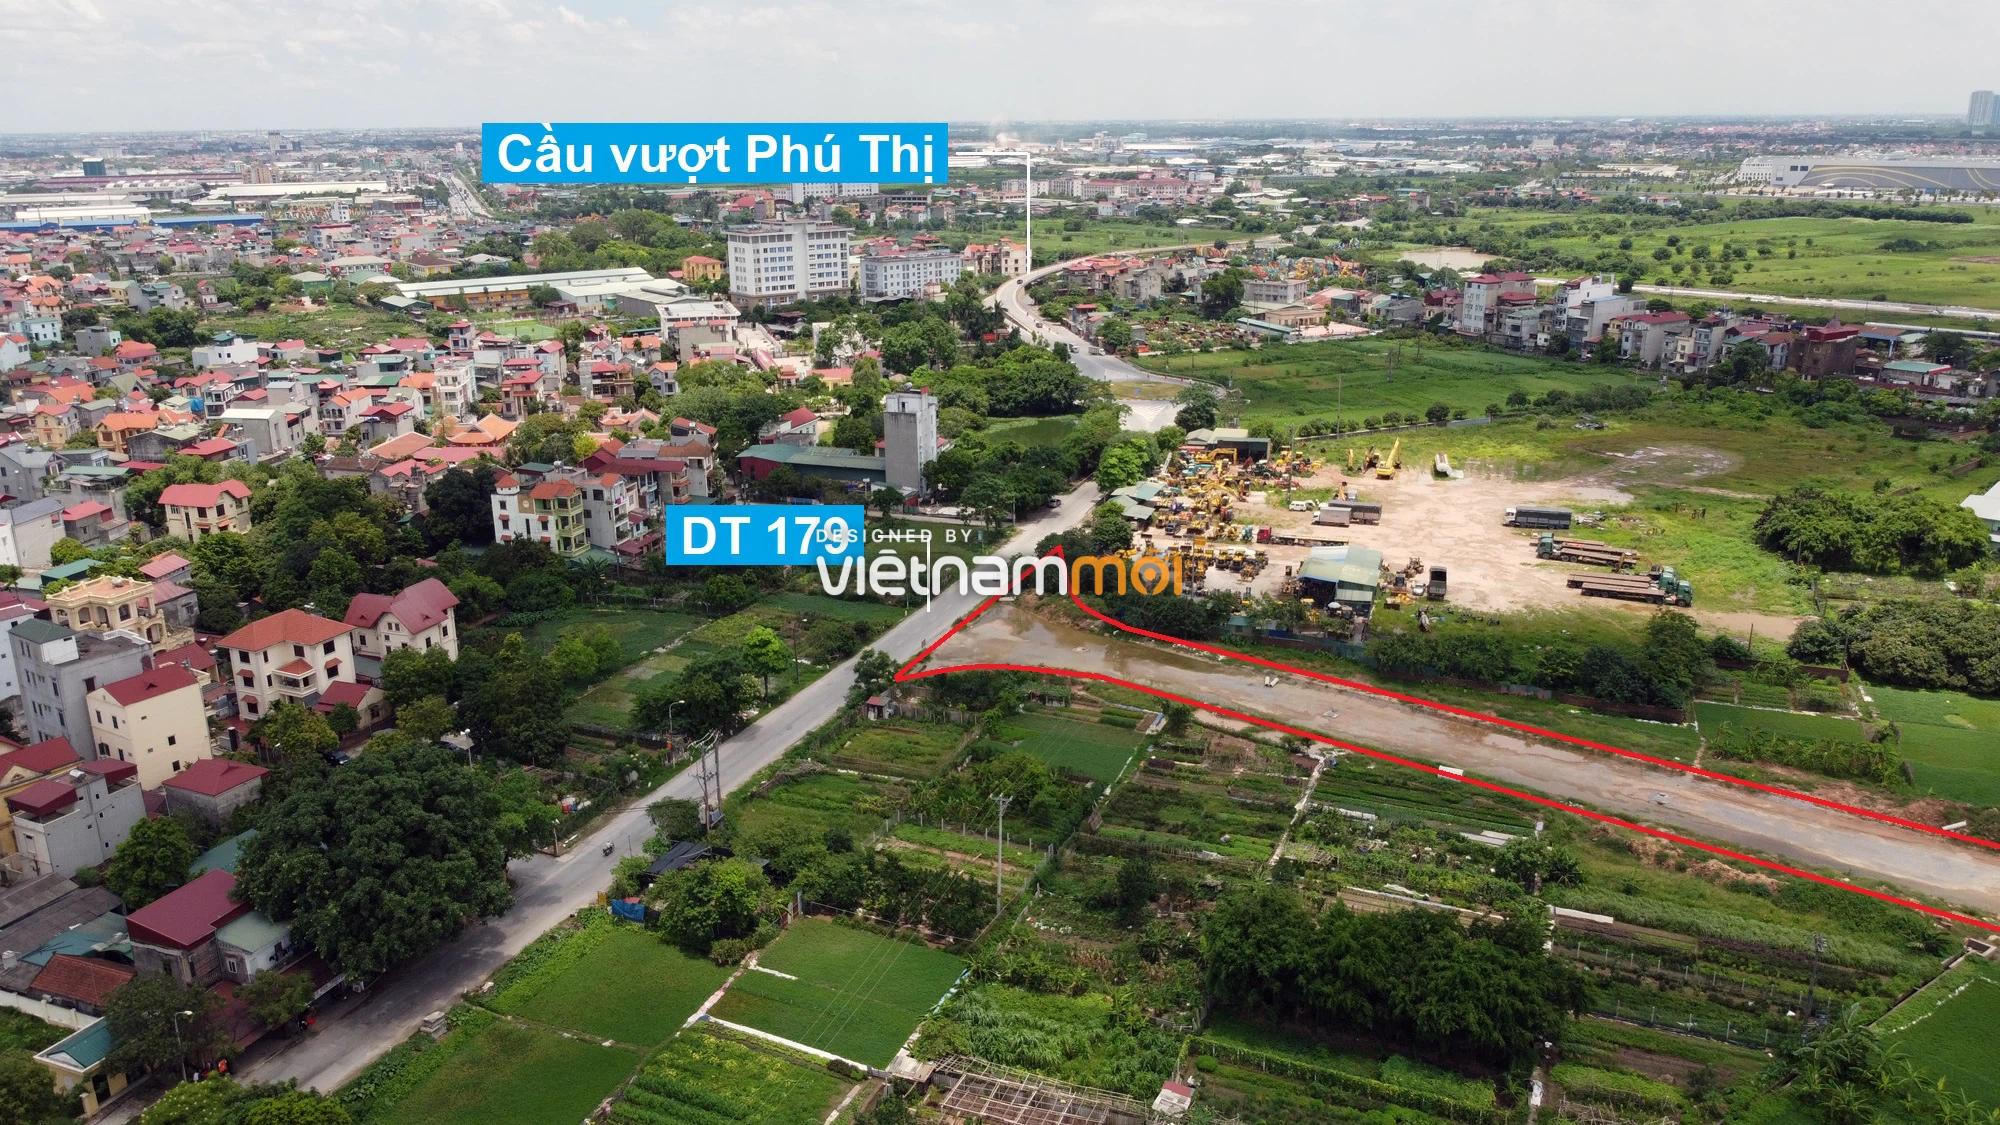 Toàn cảnh tuyến đường từ KĐT Đặng Xá đến chân cầu vượt Phú Thị đang mở theo quy hoạch ở Hà Nội - Ảnh 7.